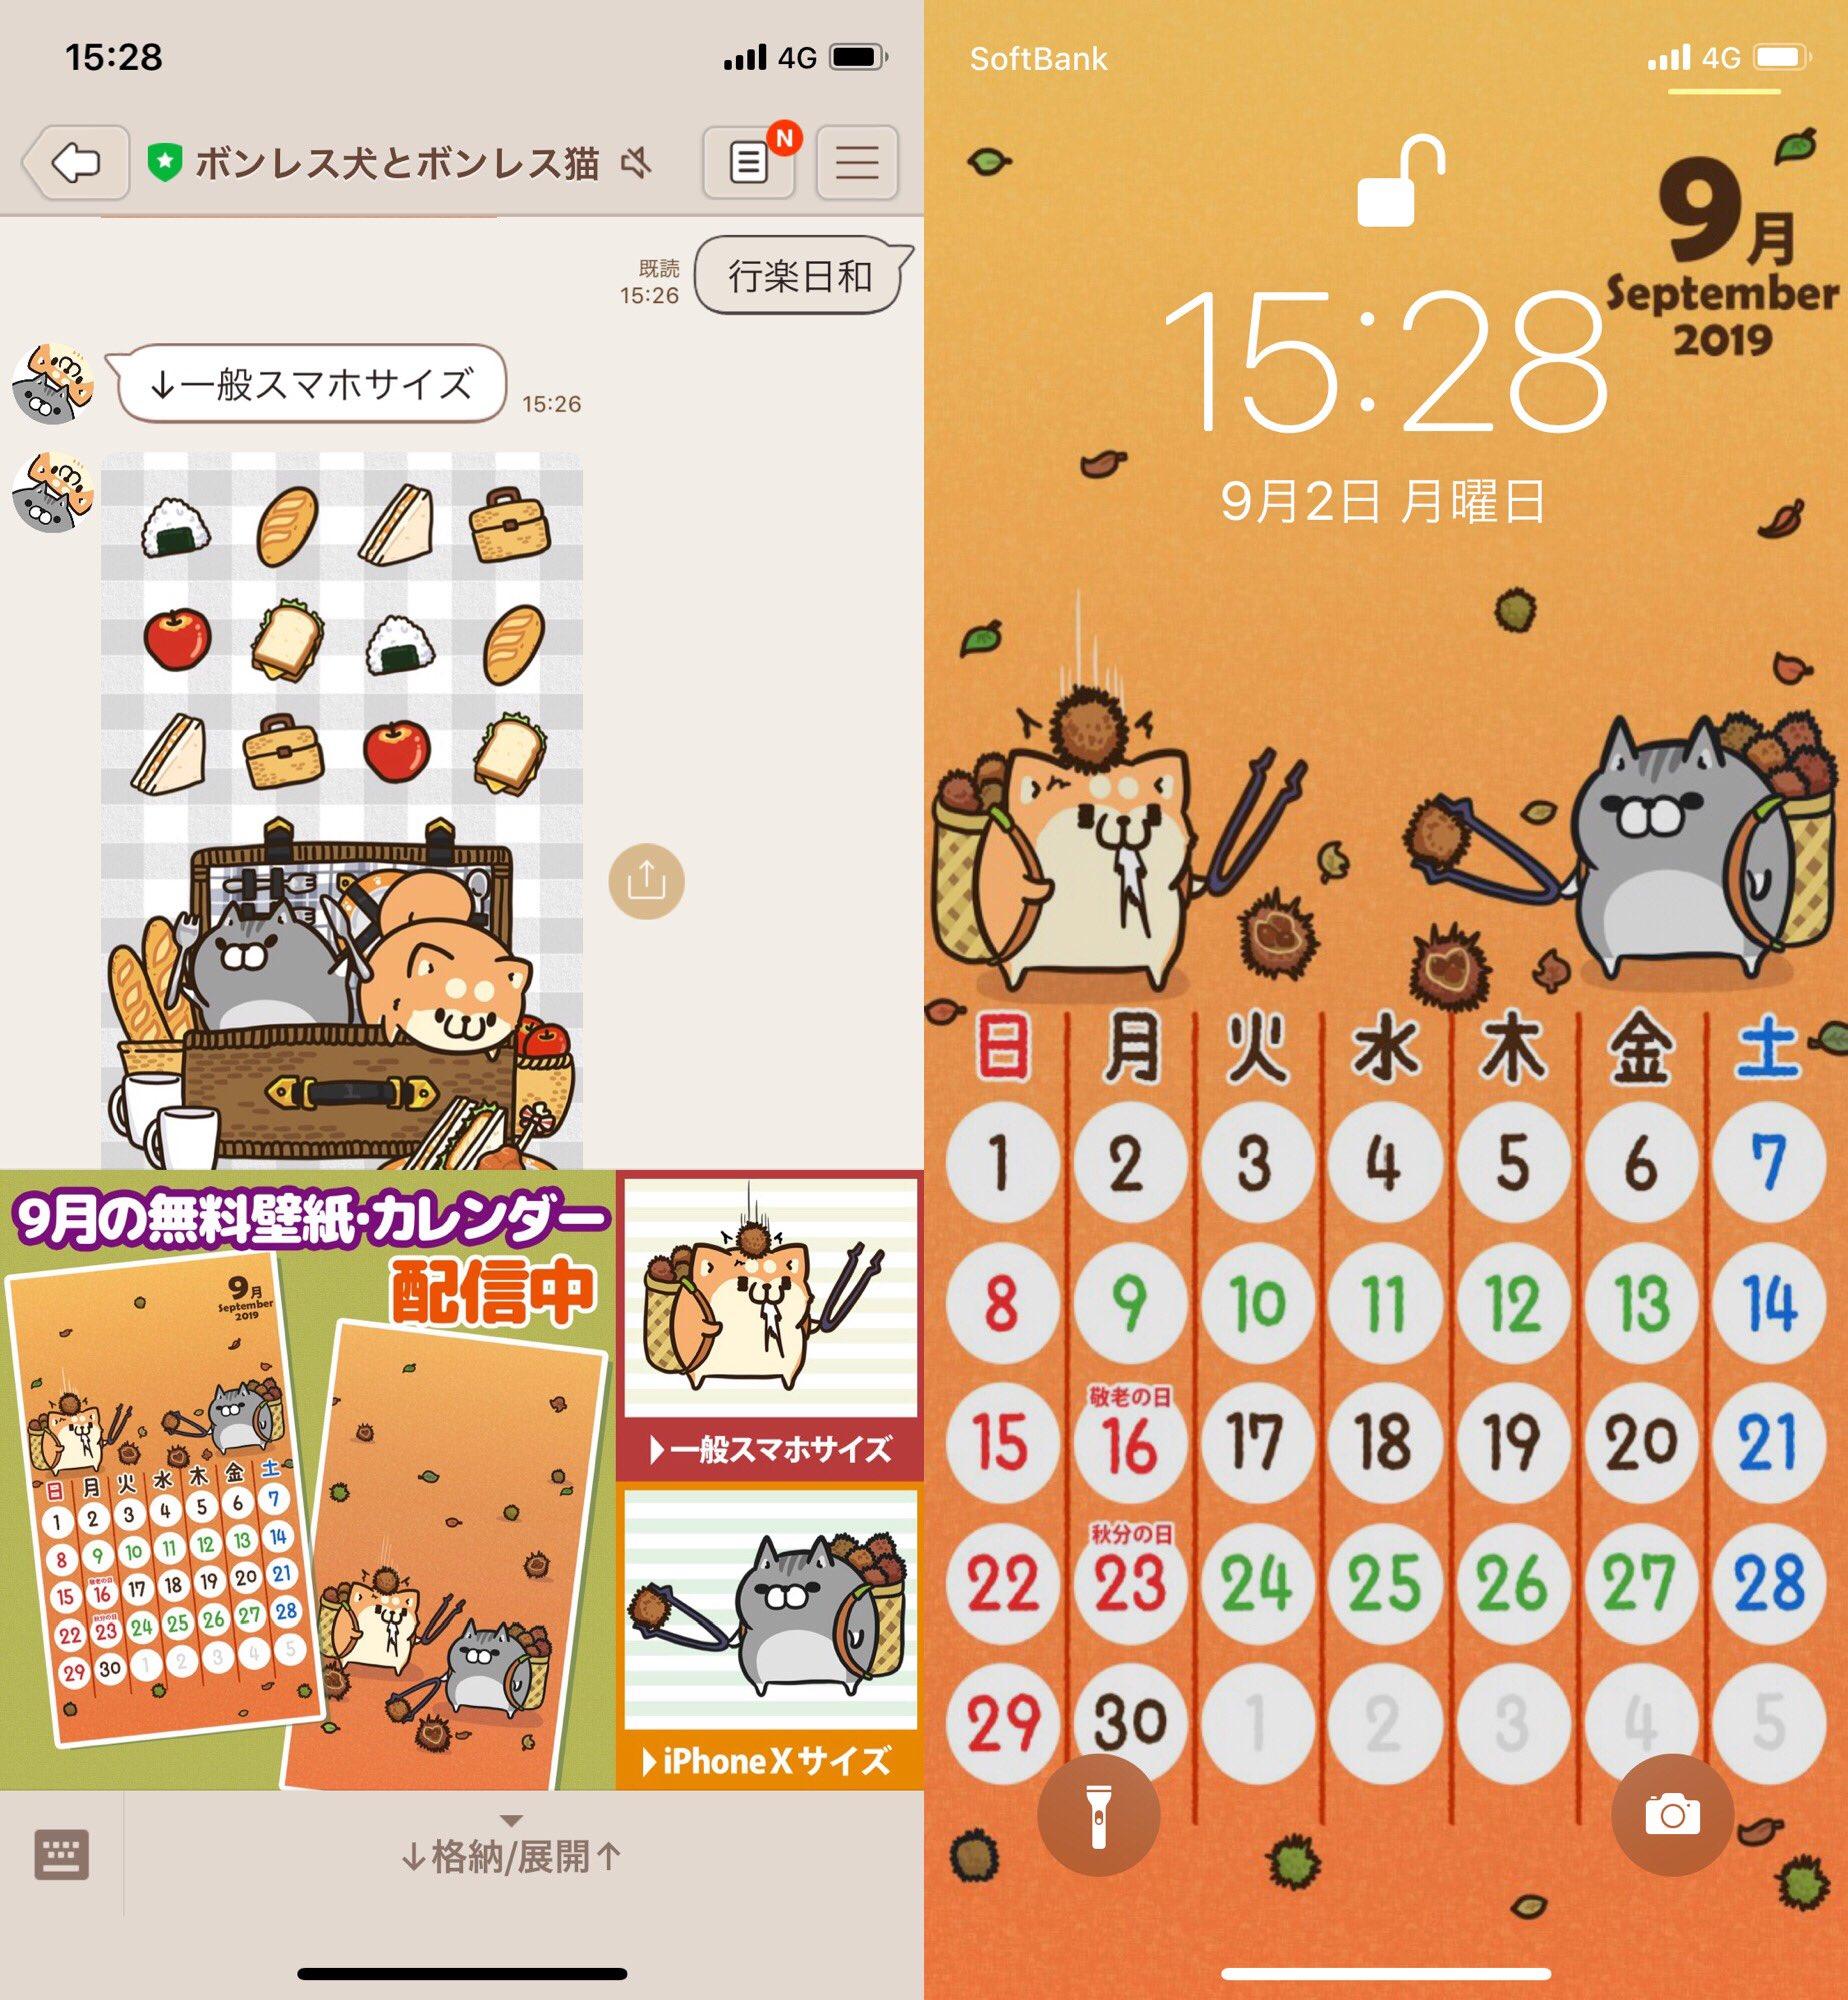 ボンレス犬猫のカレンダー壁紙をiPhone Xにセット完了(`・ω・´)シャキーン 🐶🐱 https://t.co/YLDjFvdhGv